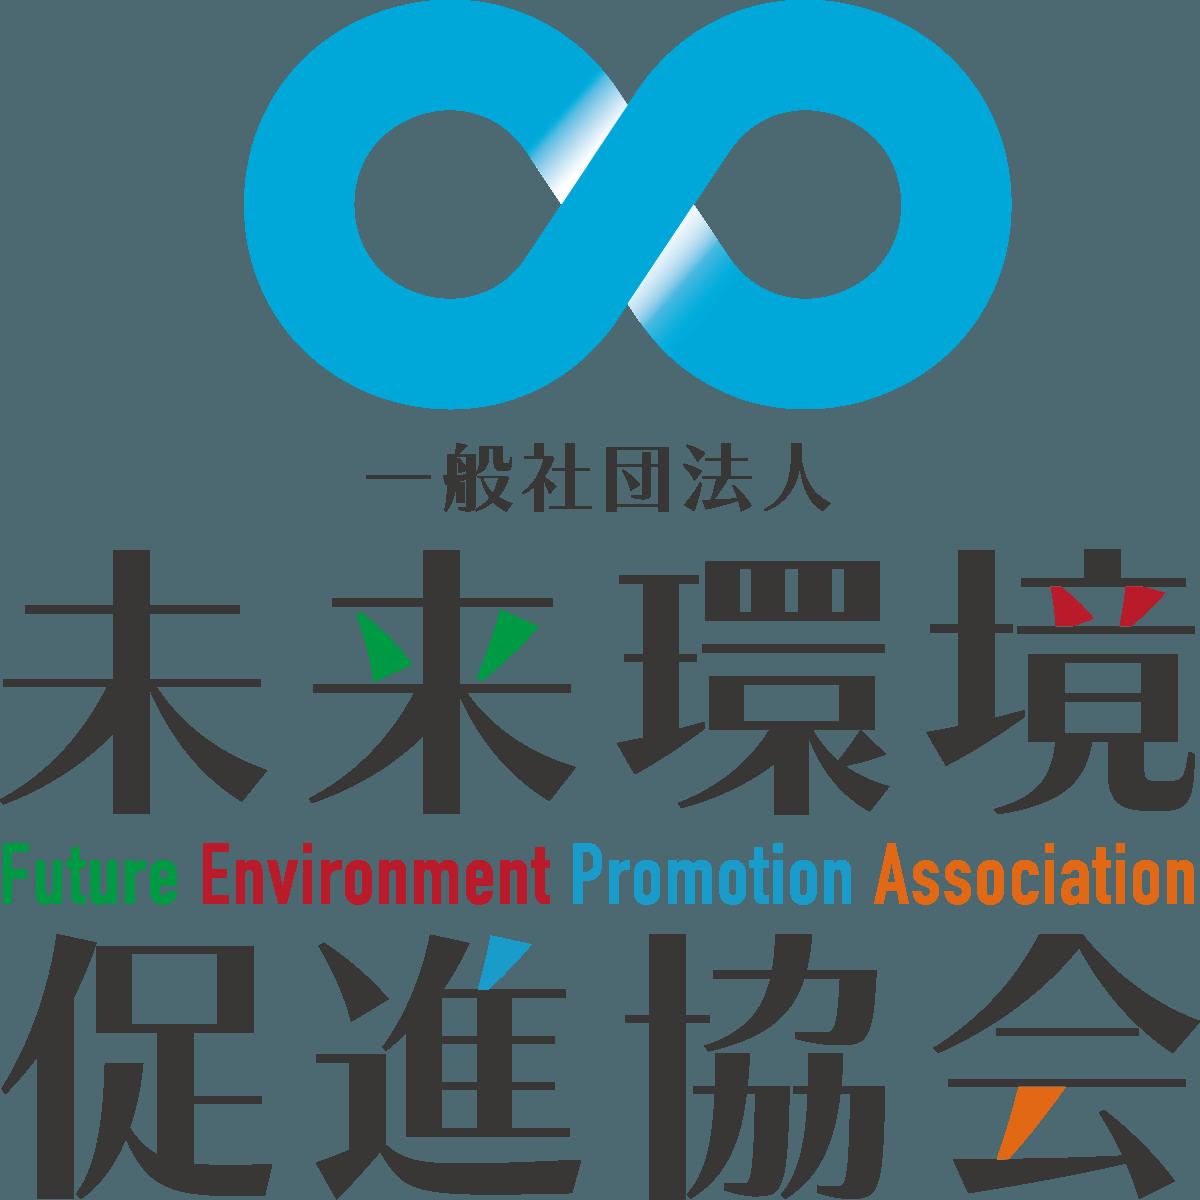 未来環境促進協会